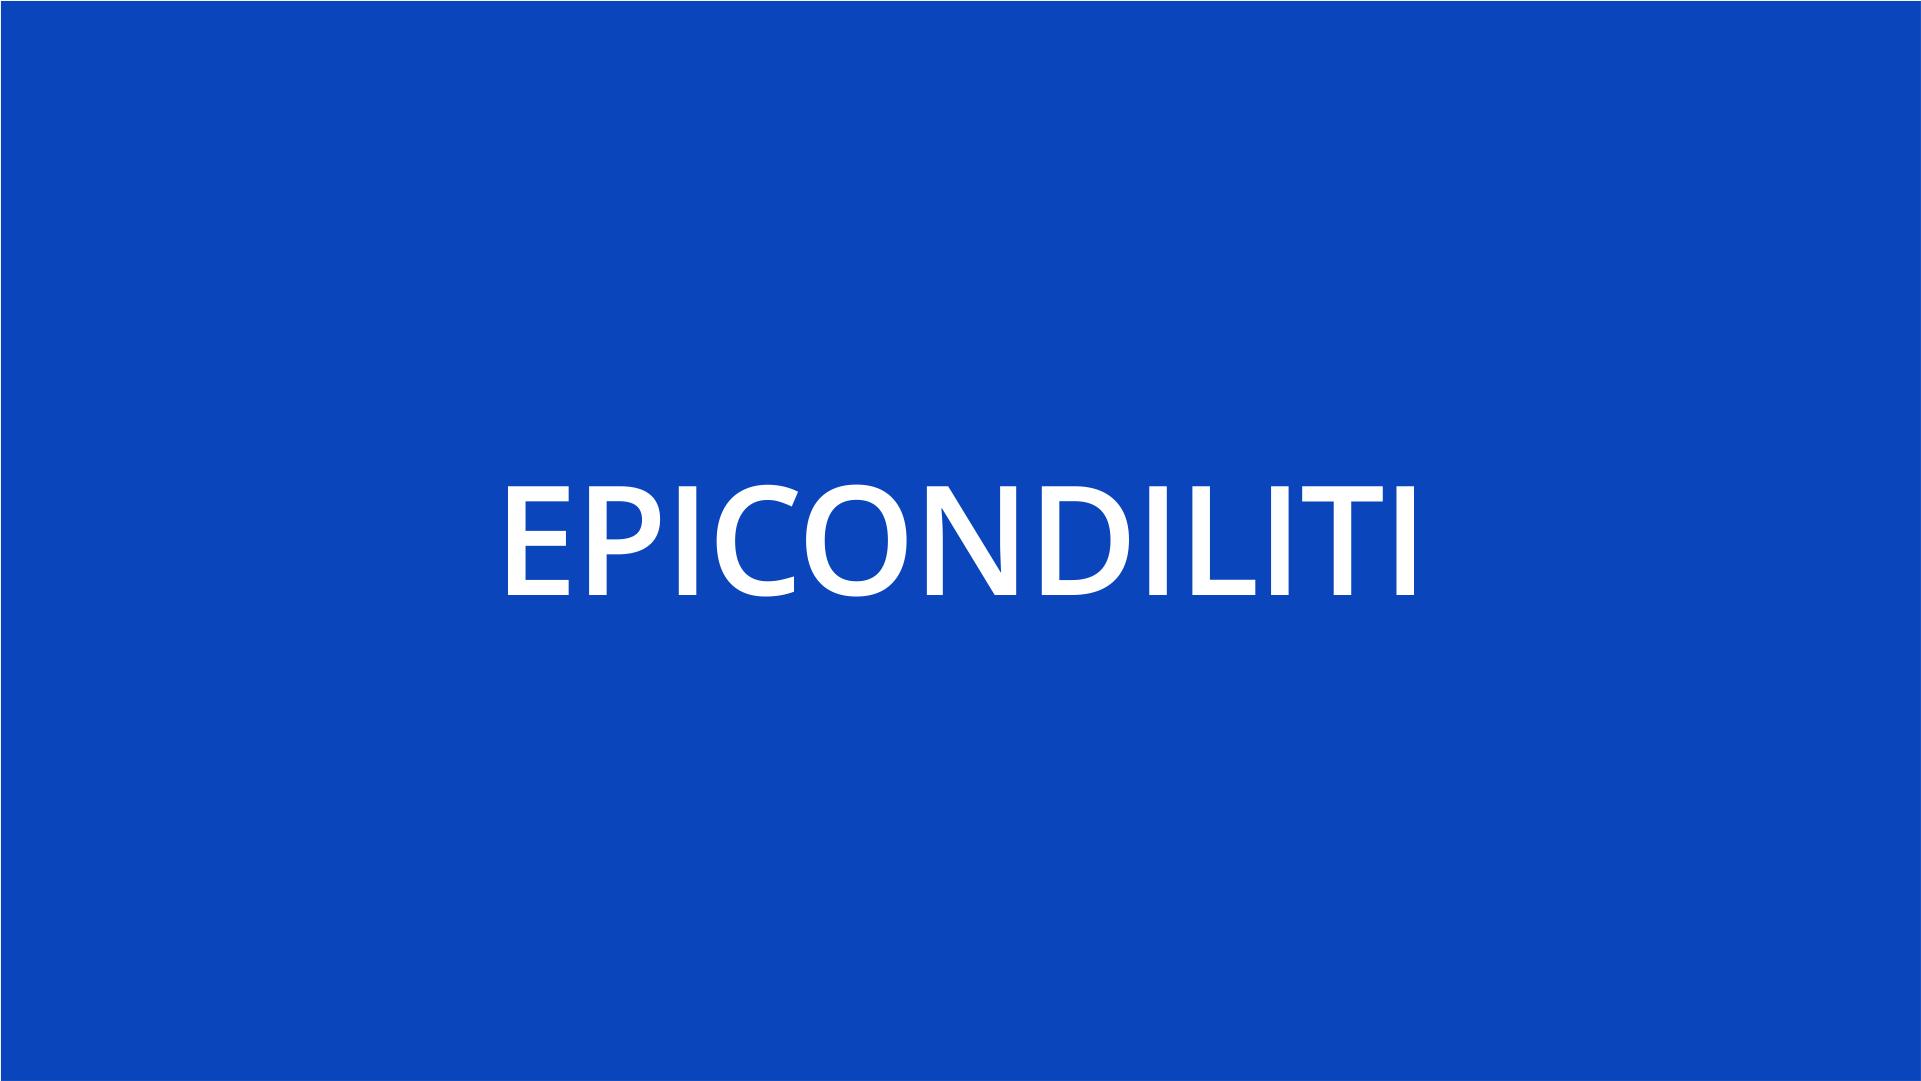 fisioterapia ughetta piacenza - epicondiliti